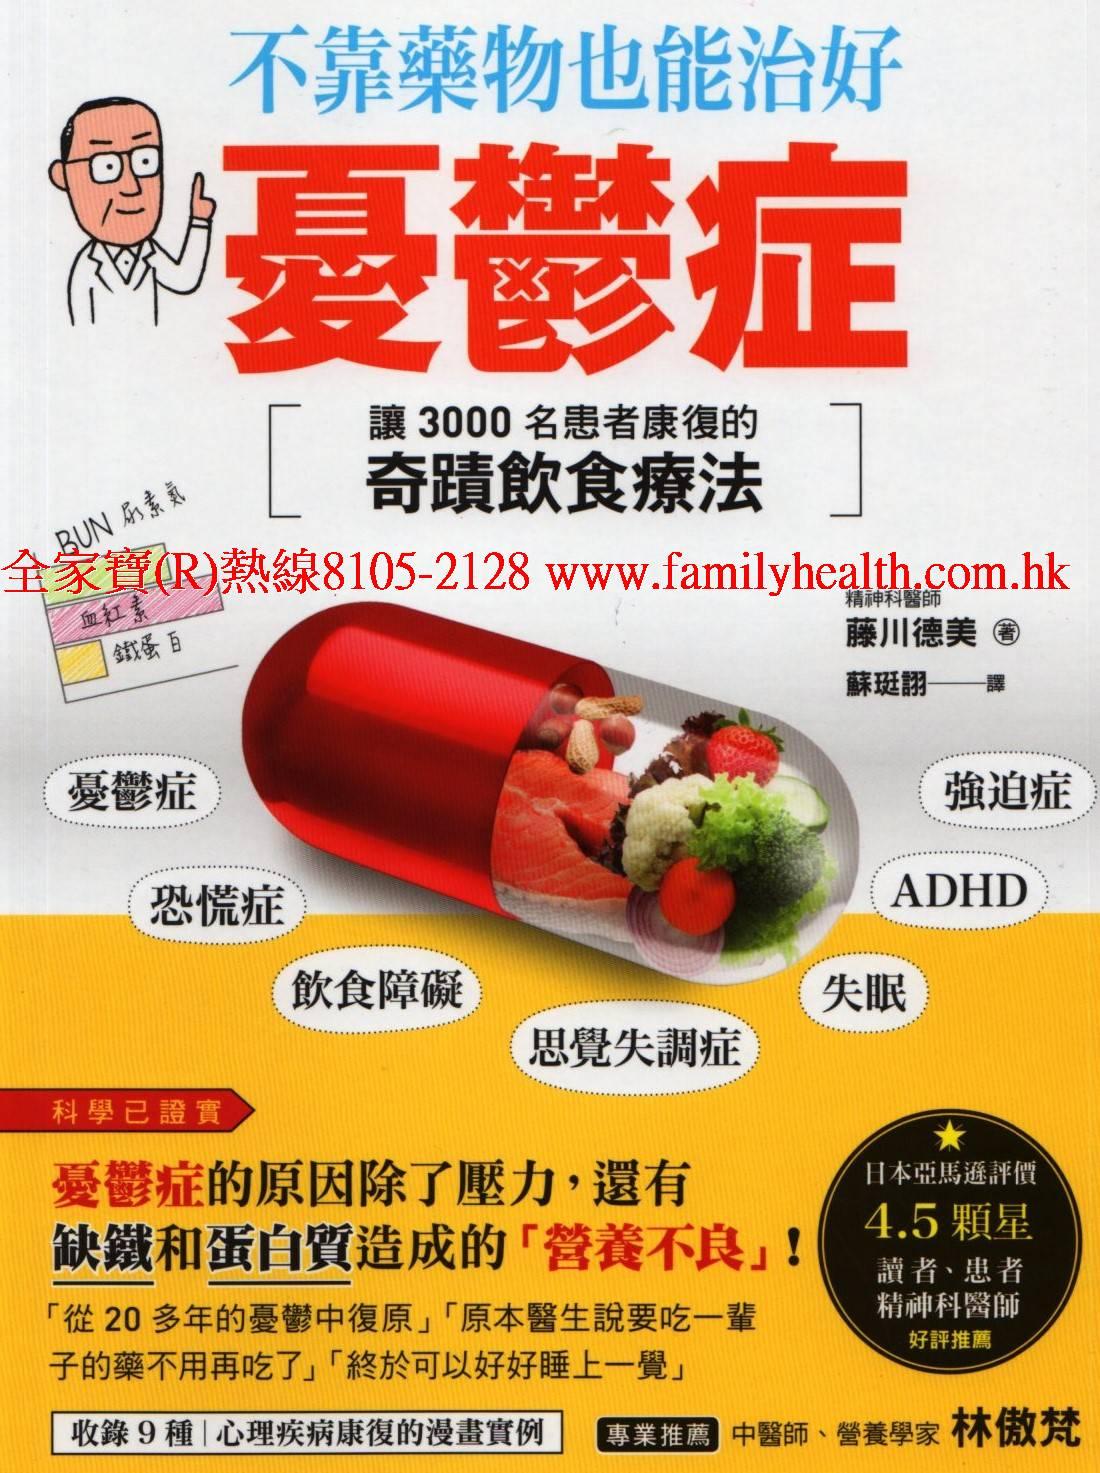 http://www.familyhealth.com.hk/files/full/1099_1.jpg